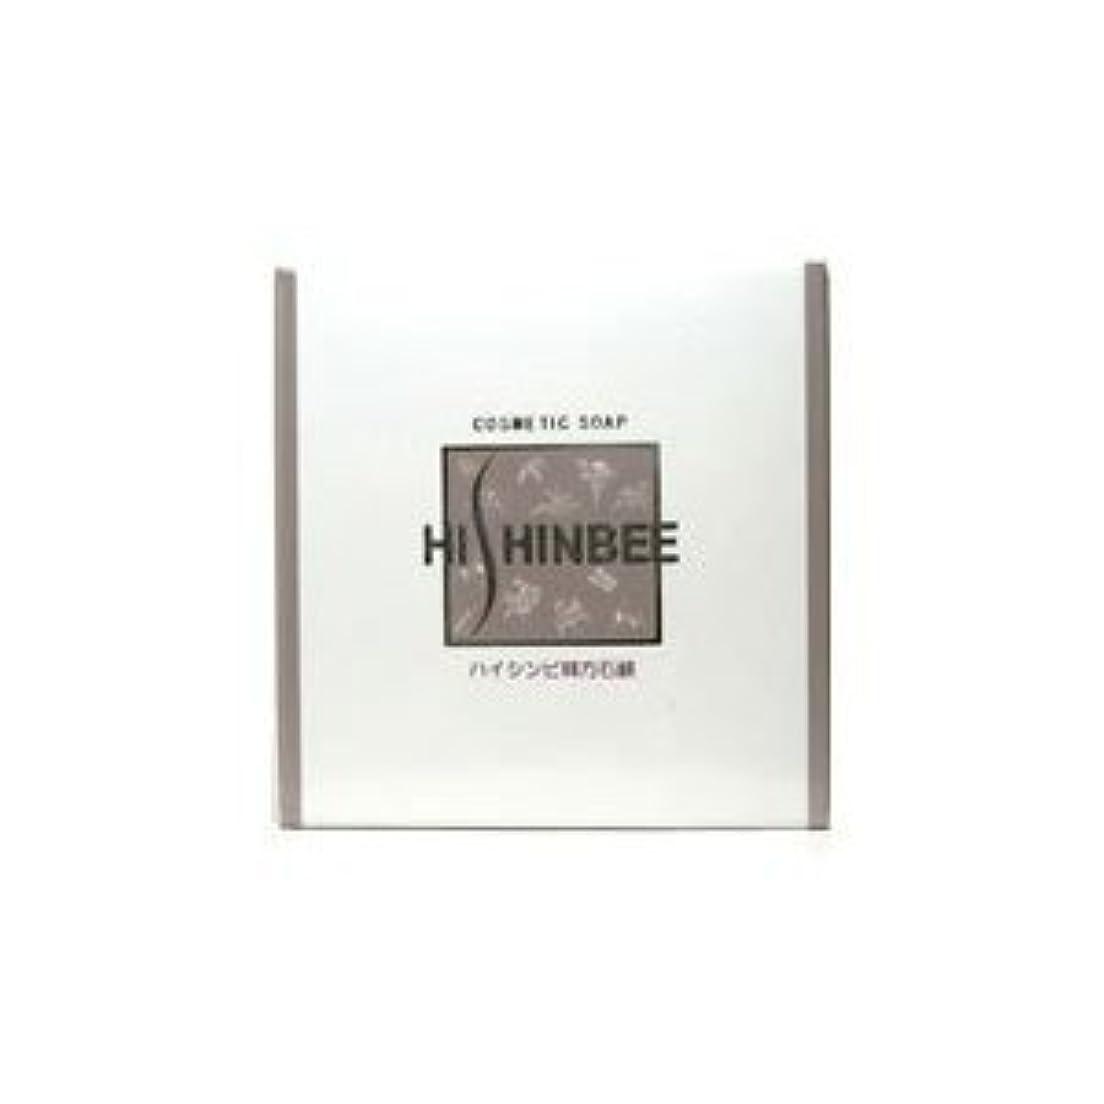 赤胸最後に★韓国産★ハイシンビ 韓方石鹸 120g 1BOX(24個)